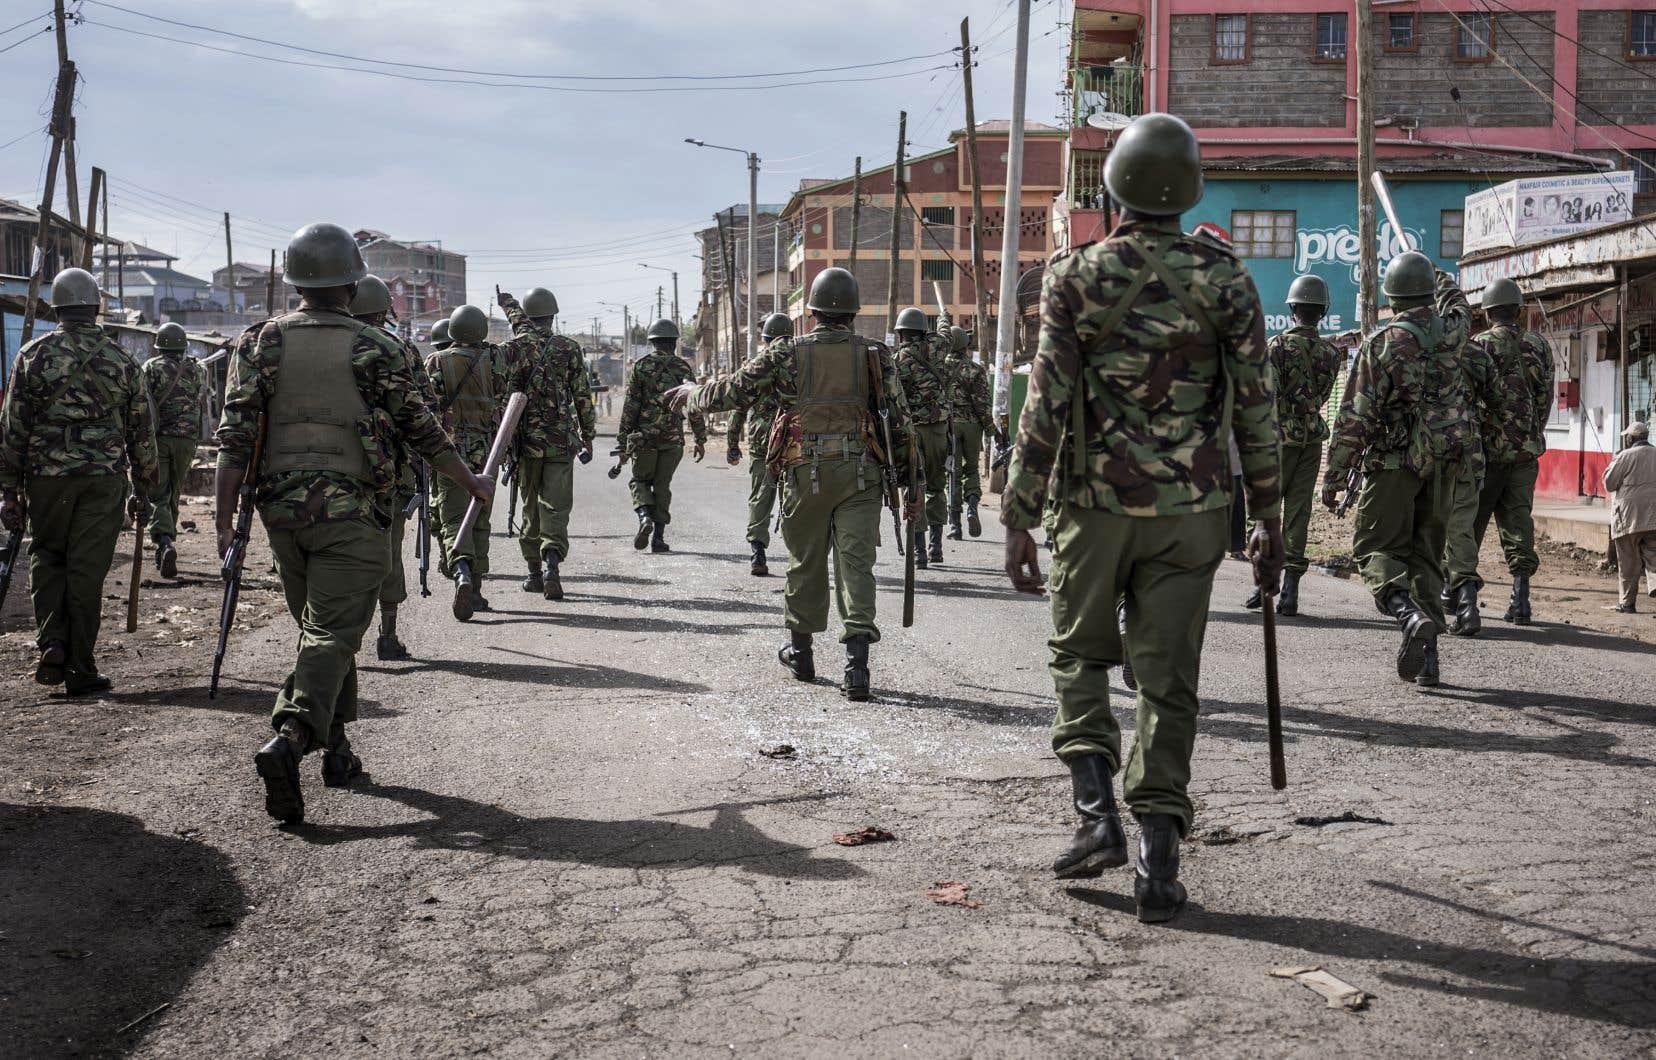 Le vote a été reporté dans certains bastions de l'opposition où les bureaux de scrutin n'avaient pas pu ouvrir en raison de problèmes de sécurité.